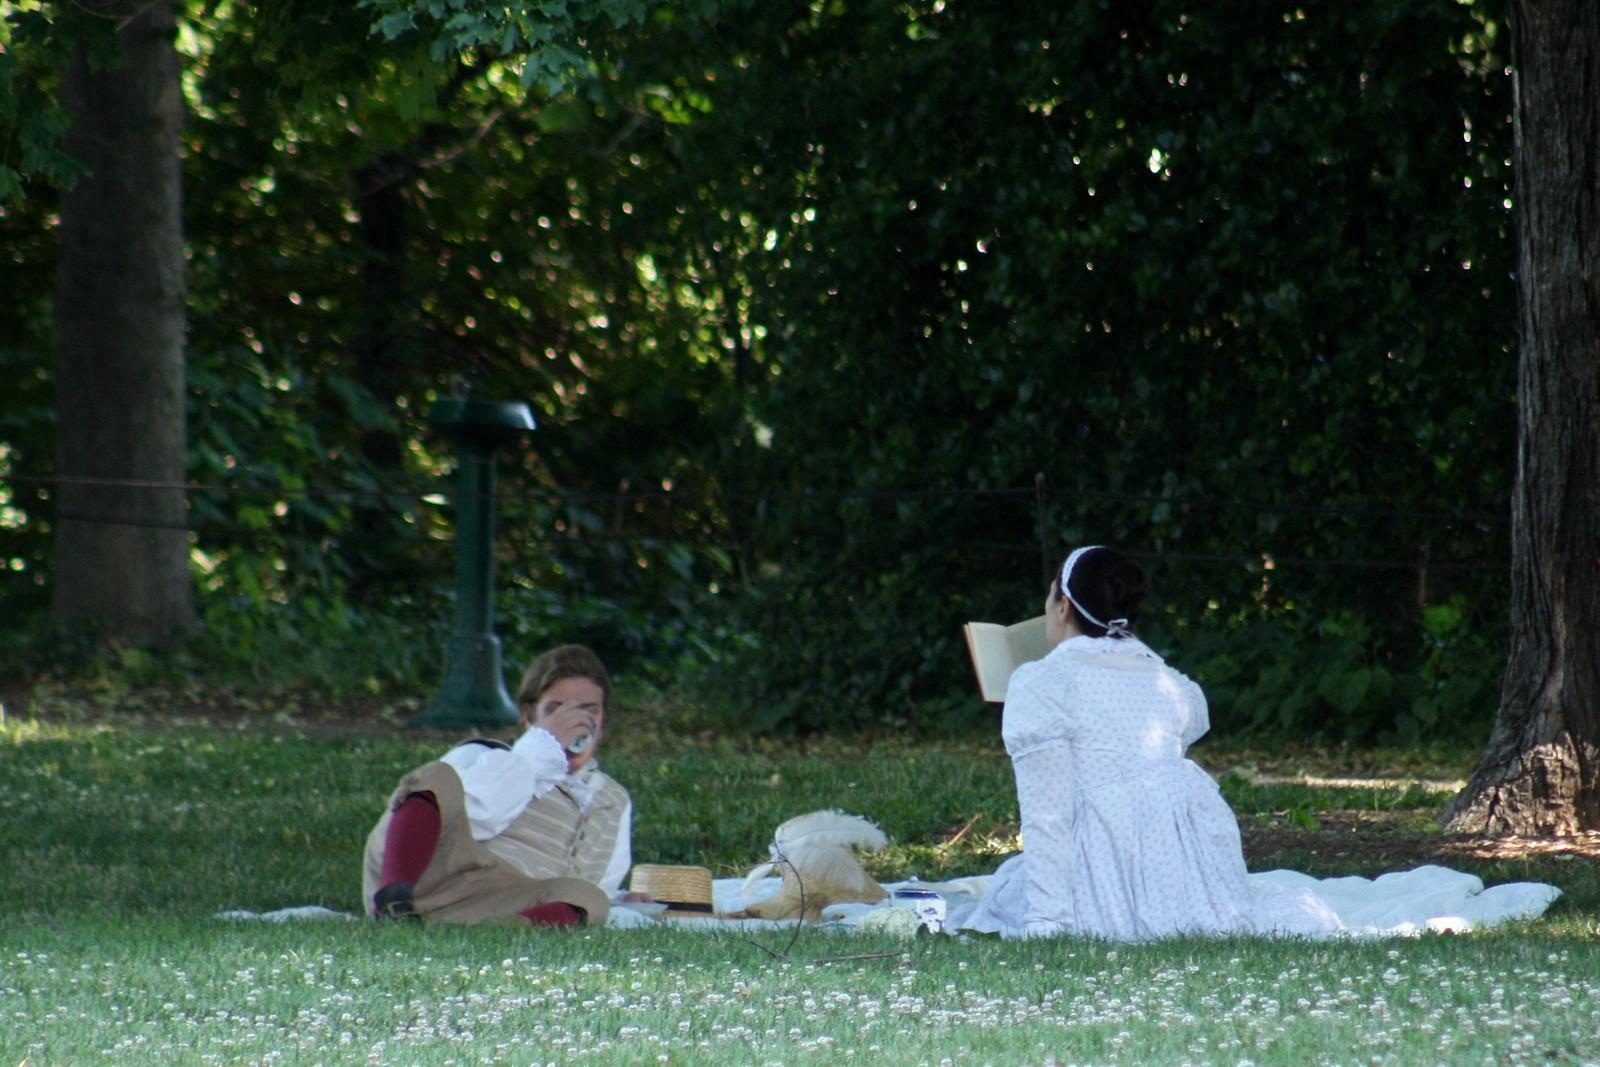 Mount Vernon Tea on the grass